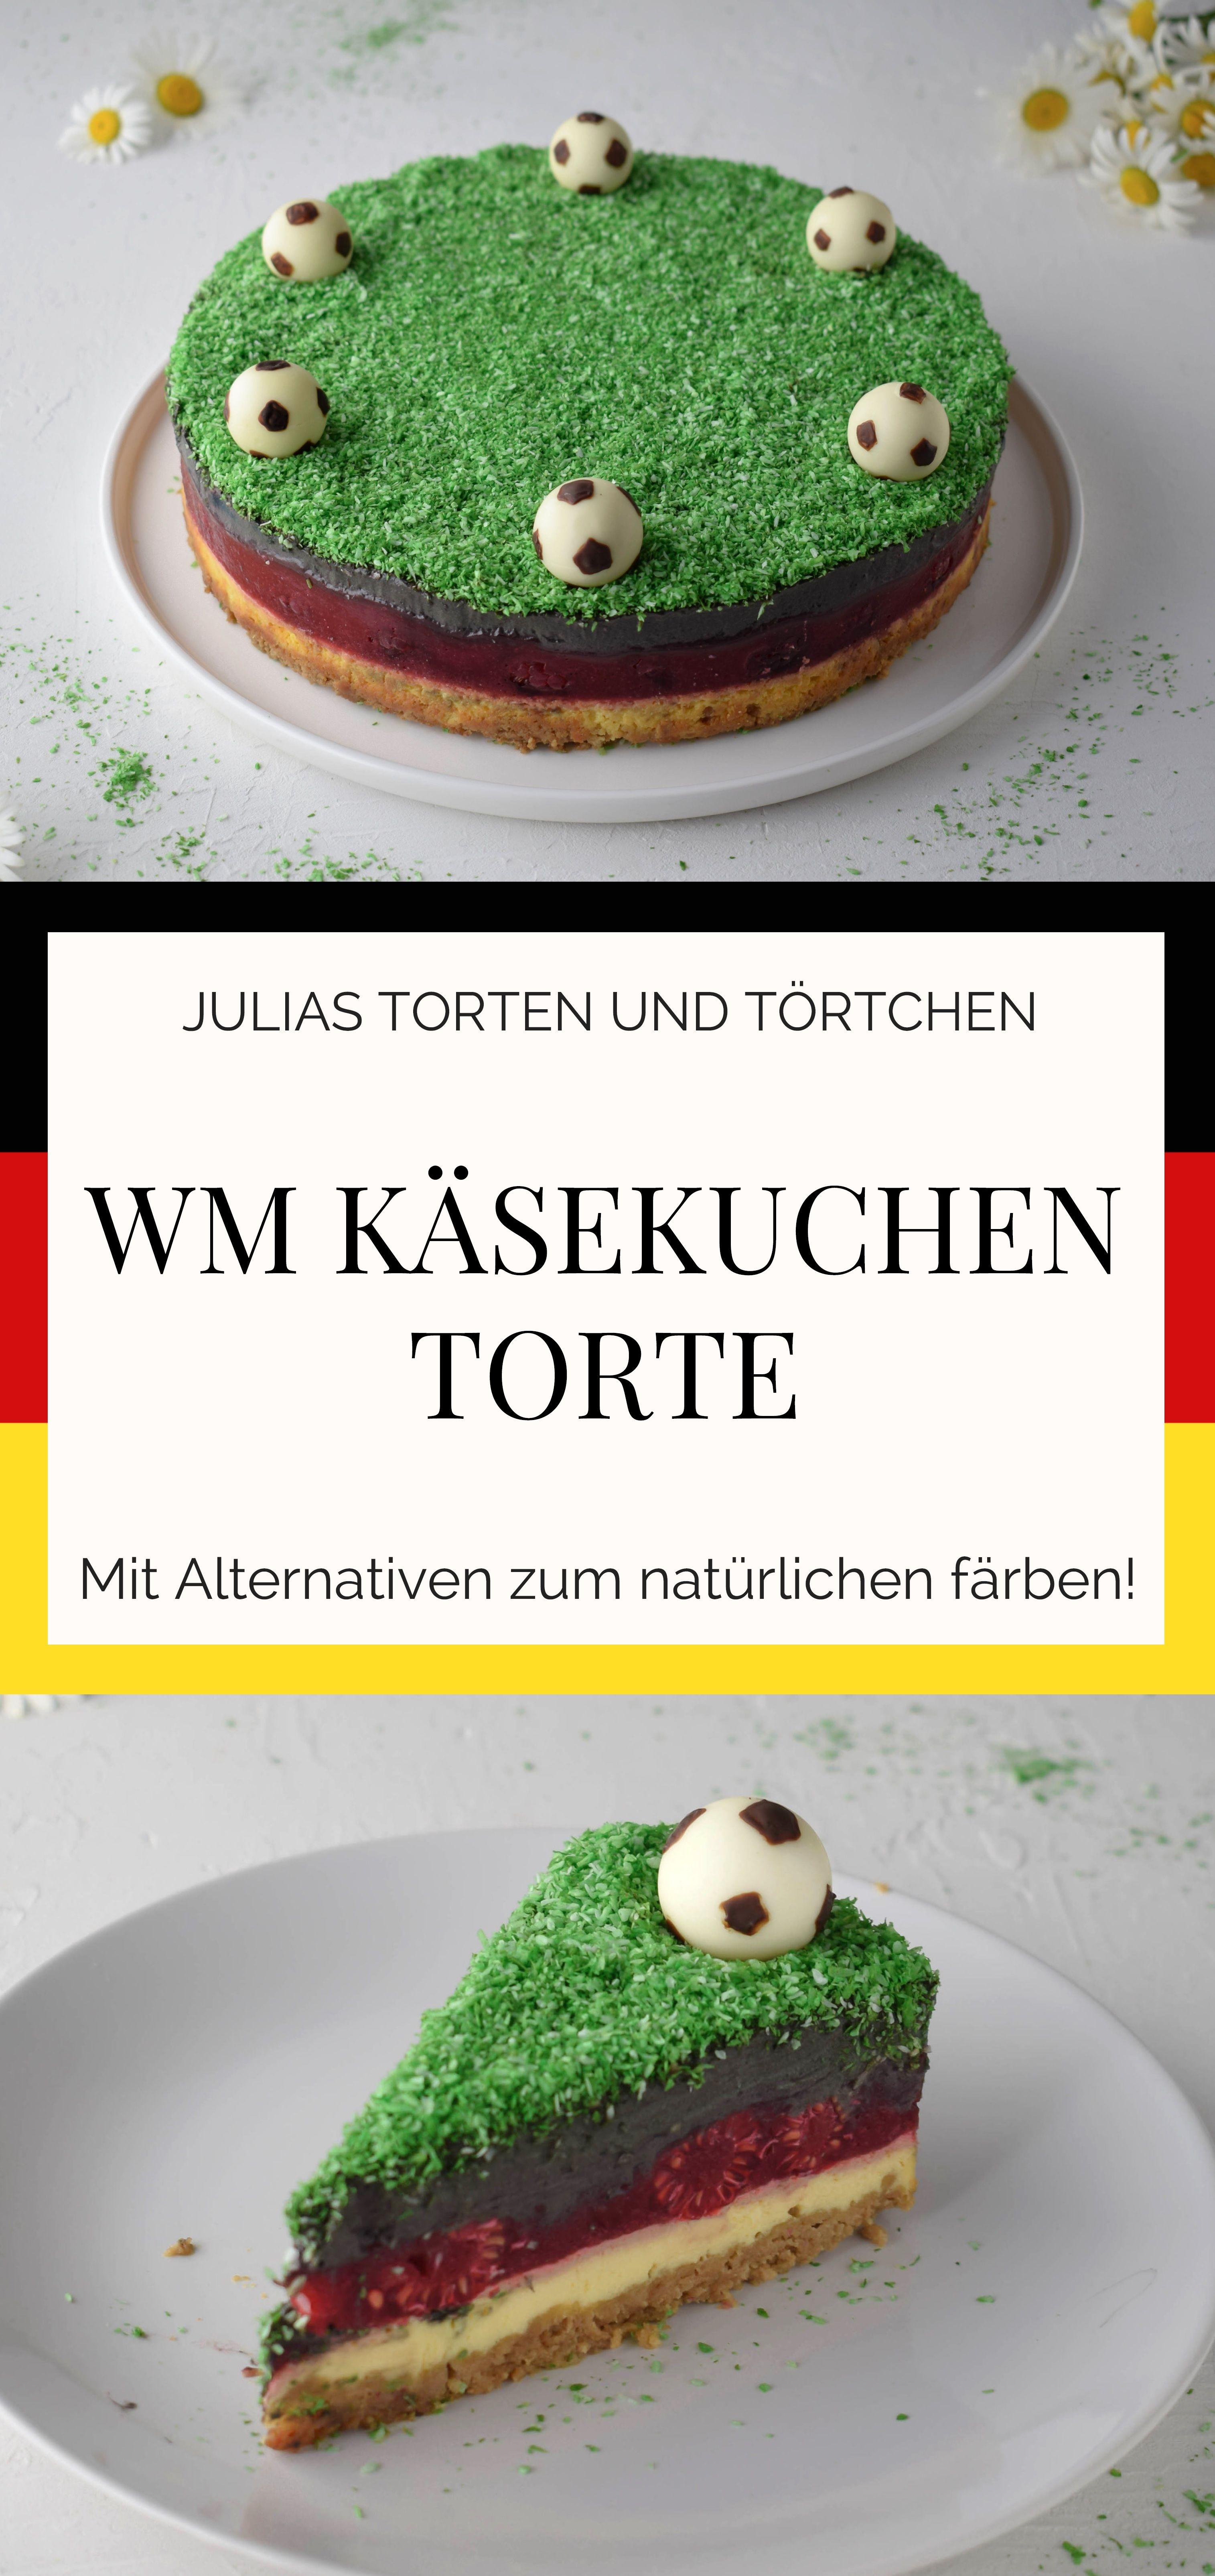 WM Käsekuchen Torte | Recipe | Food